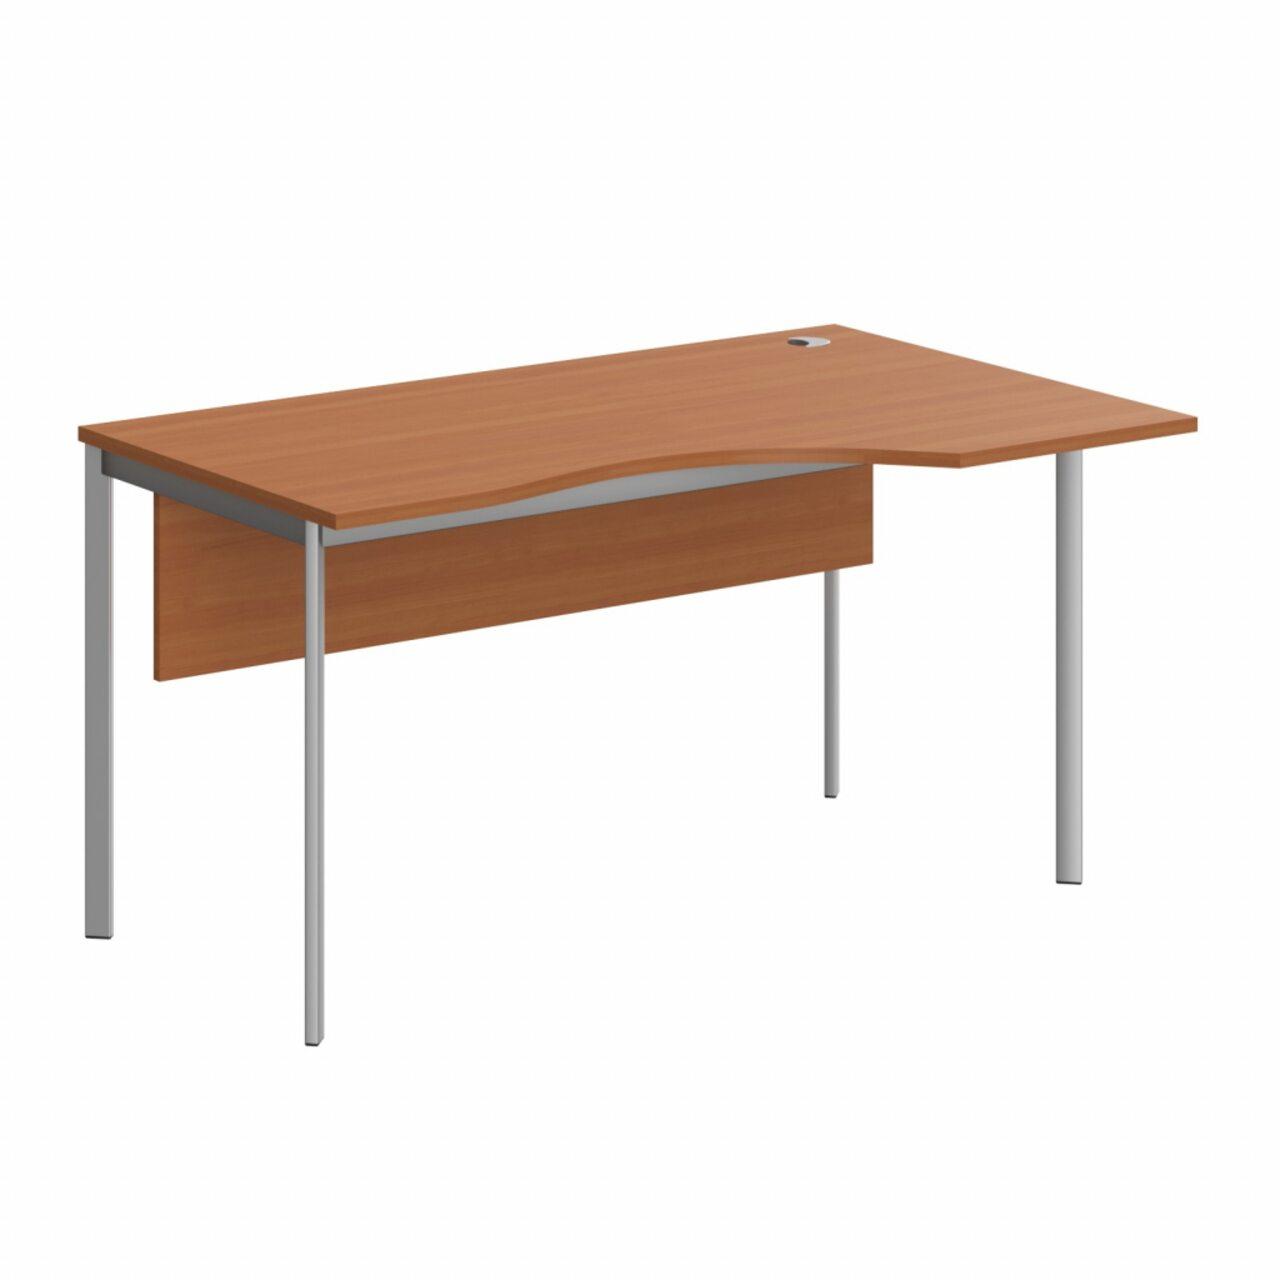 Стол эргономичный с фронтальной панелью  IMAGO-S 90x140x76 - фото 1